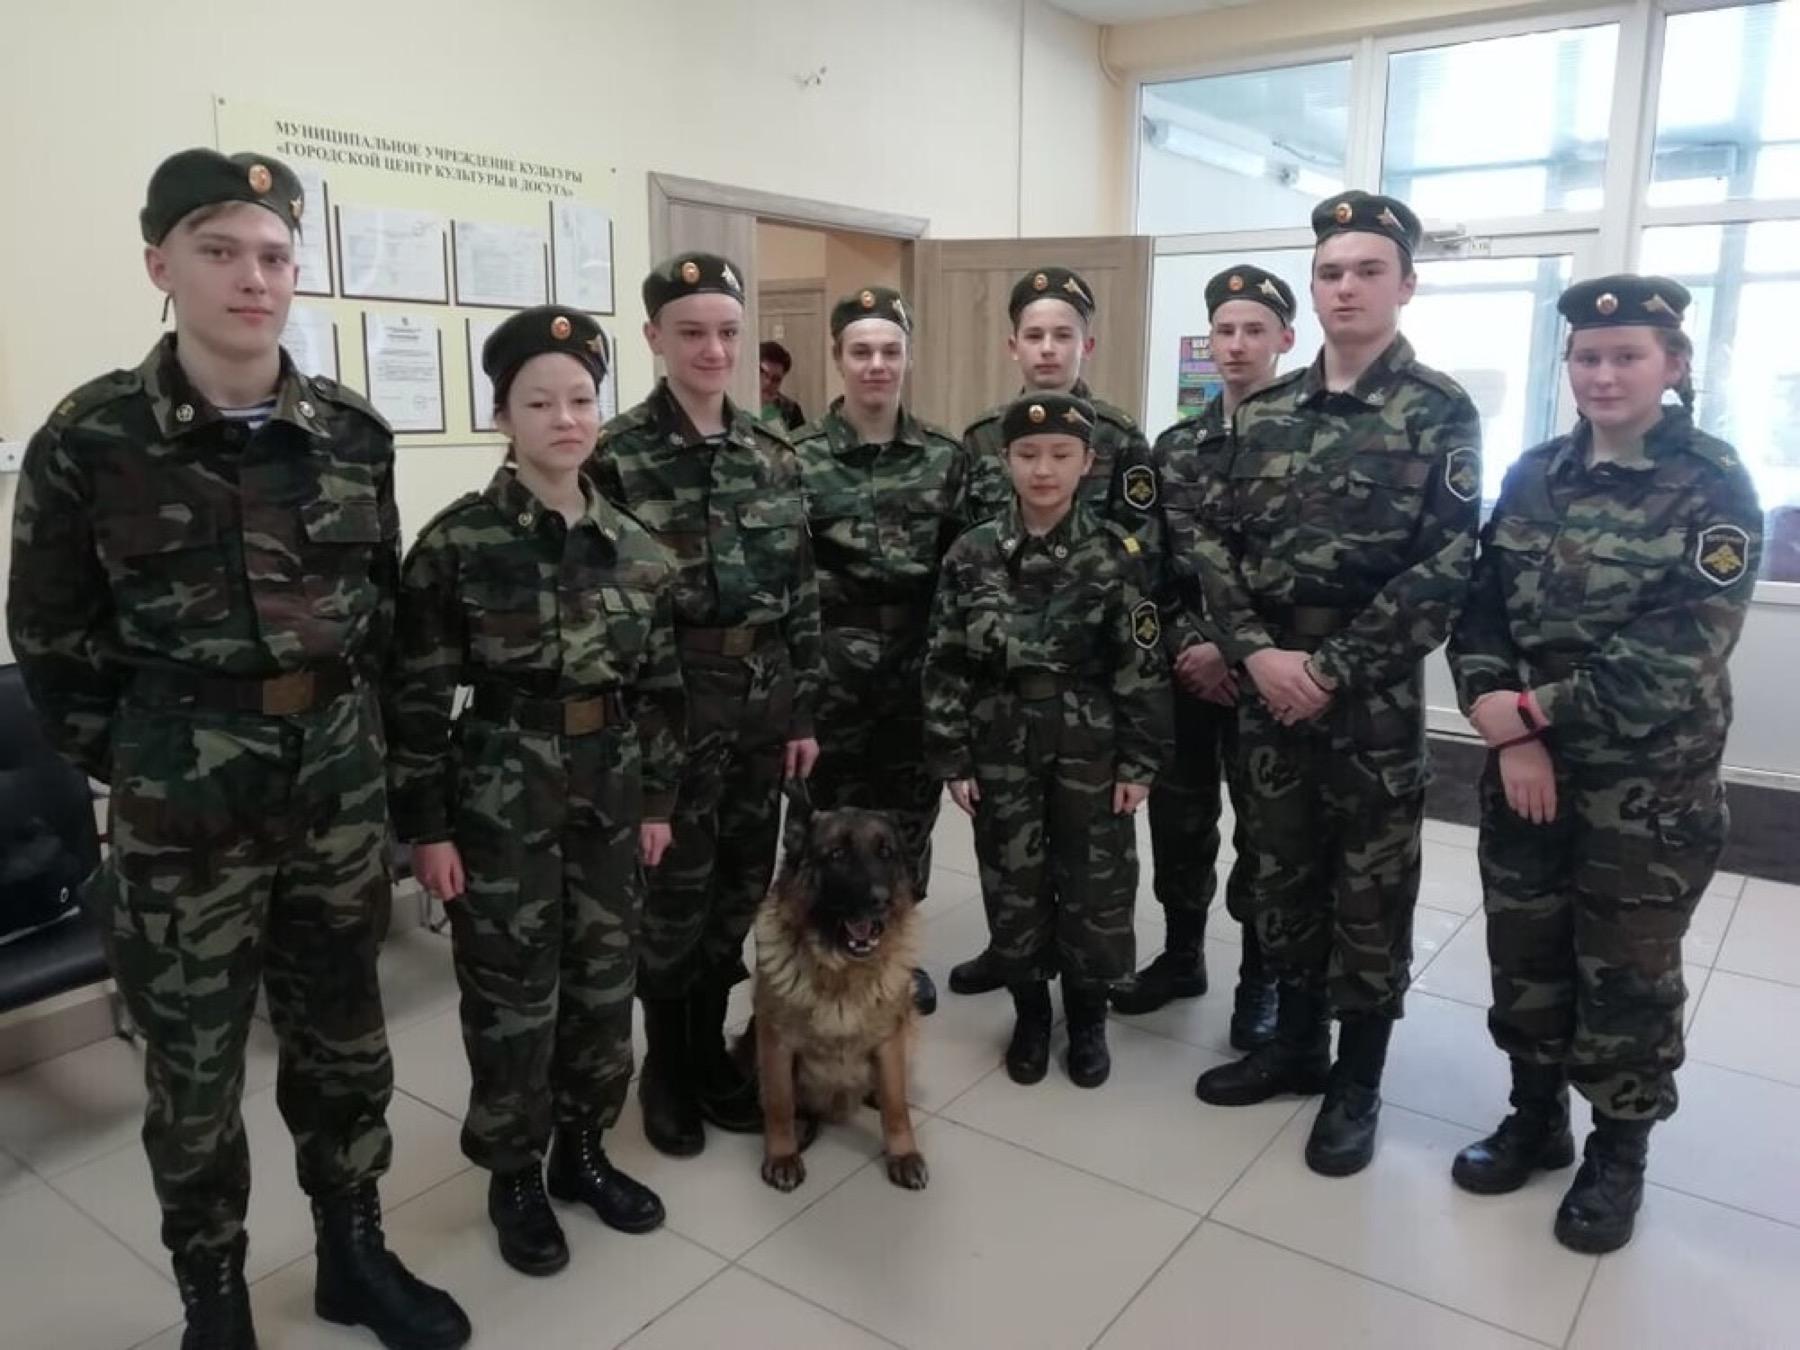 В Озёрах провели «Служу Отечеству» муниципальную военно-спортивную игру «Служу Отечеству»